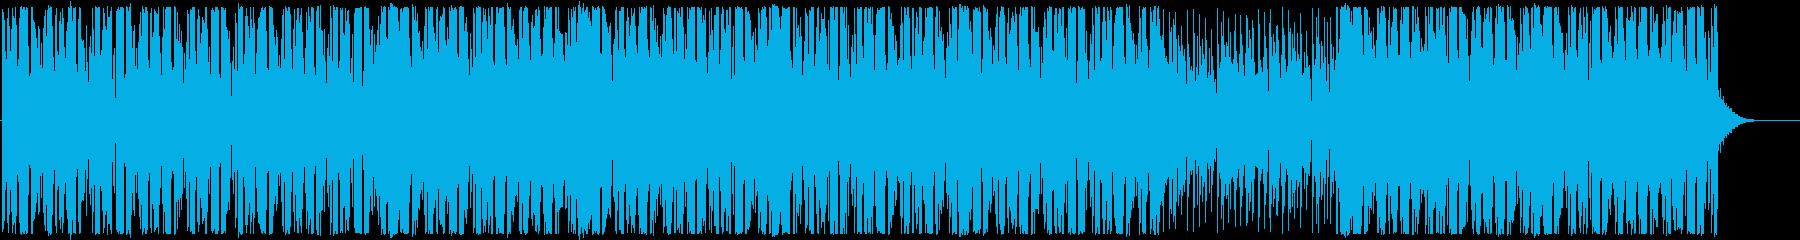 企業VP_前進あるのみ(BPM違い)の再生済みの波形